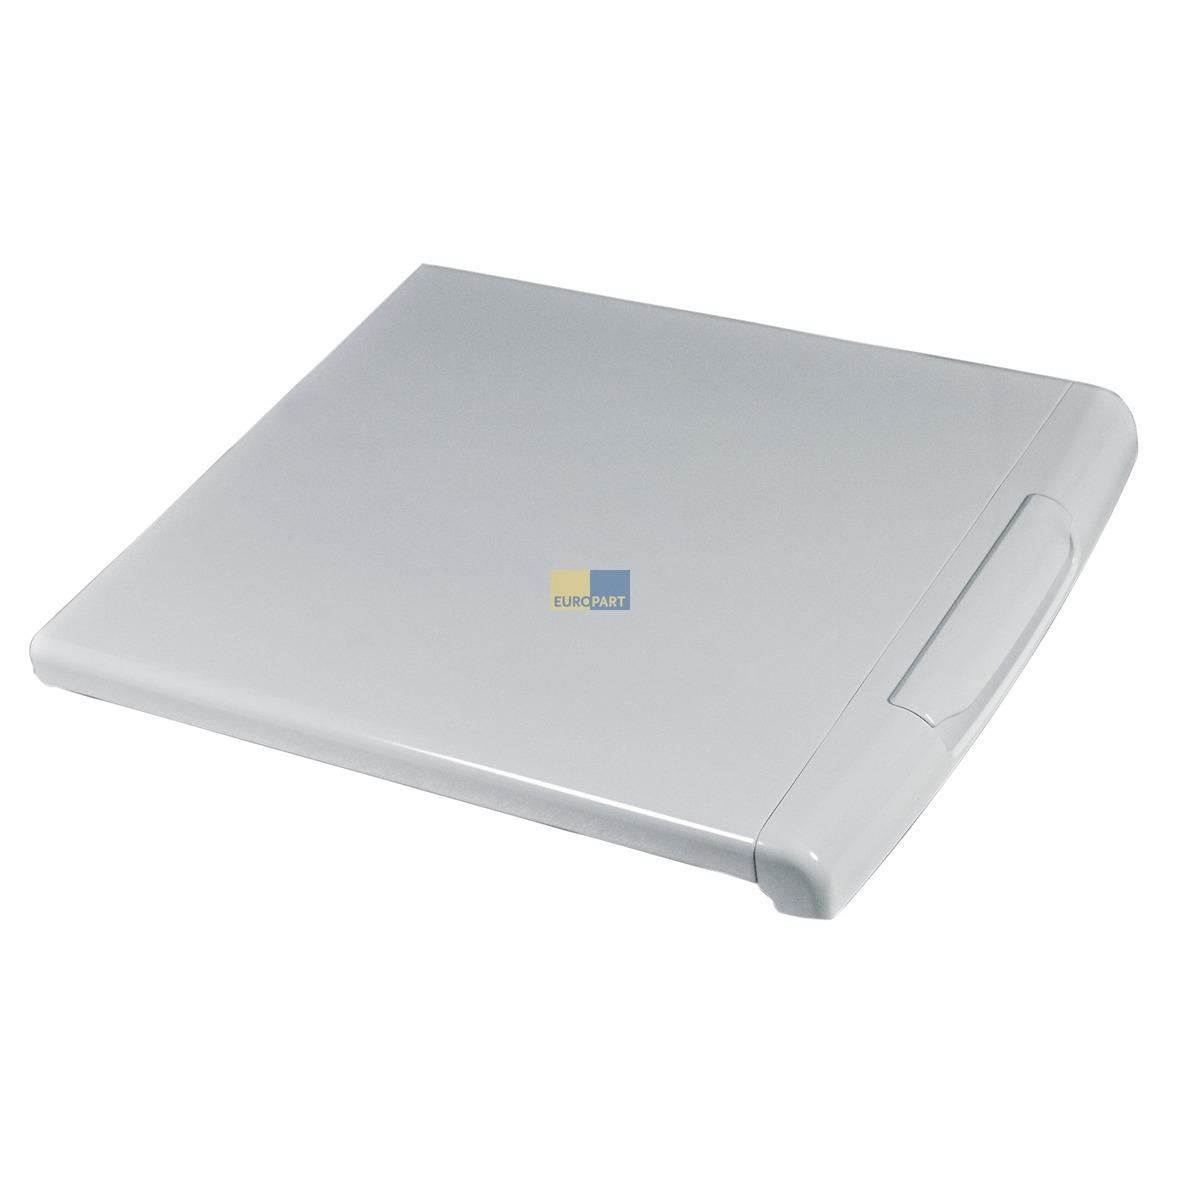 Gerätedeckel Komplett Bauknecht 481010443838 Indesit C00437960 Original Für Waschmaschine  Toplader